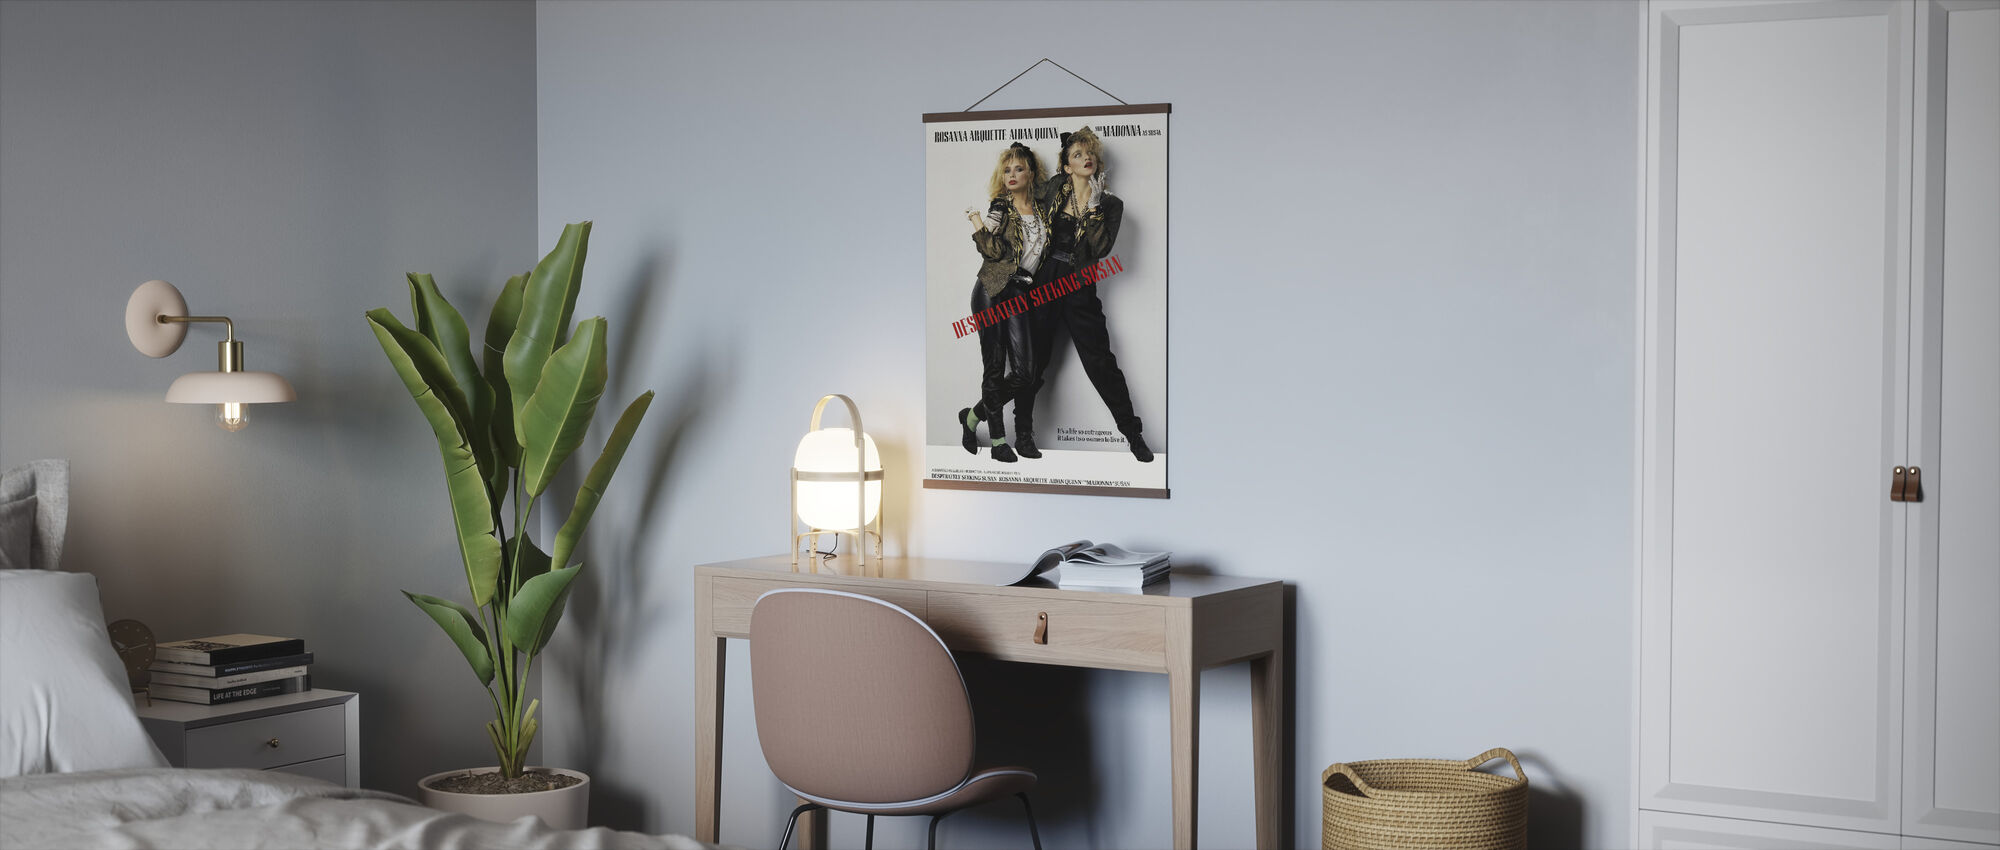 Desperately Seeking Susan - Poster - Office